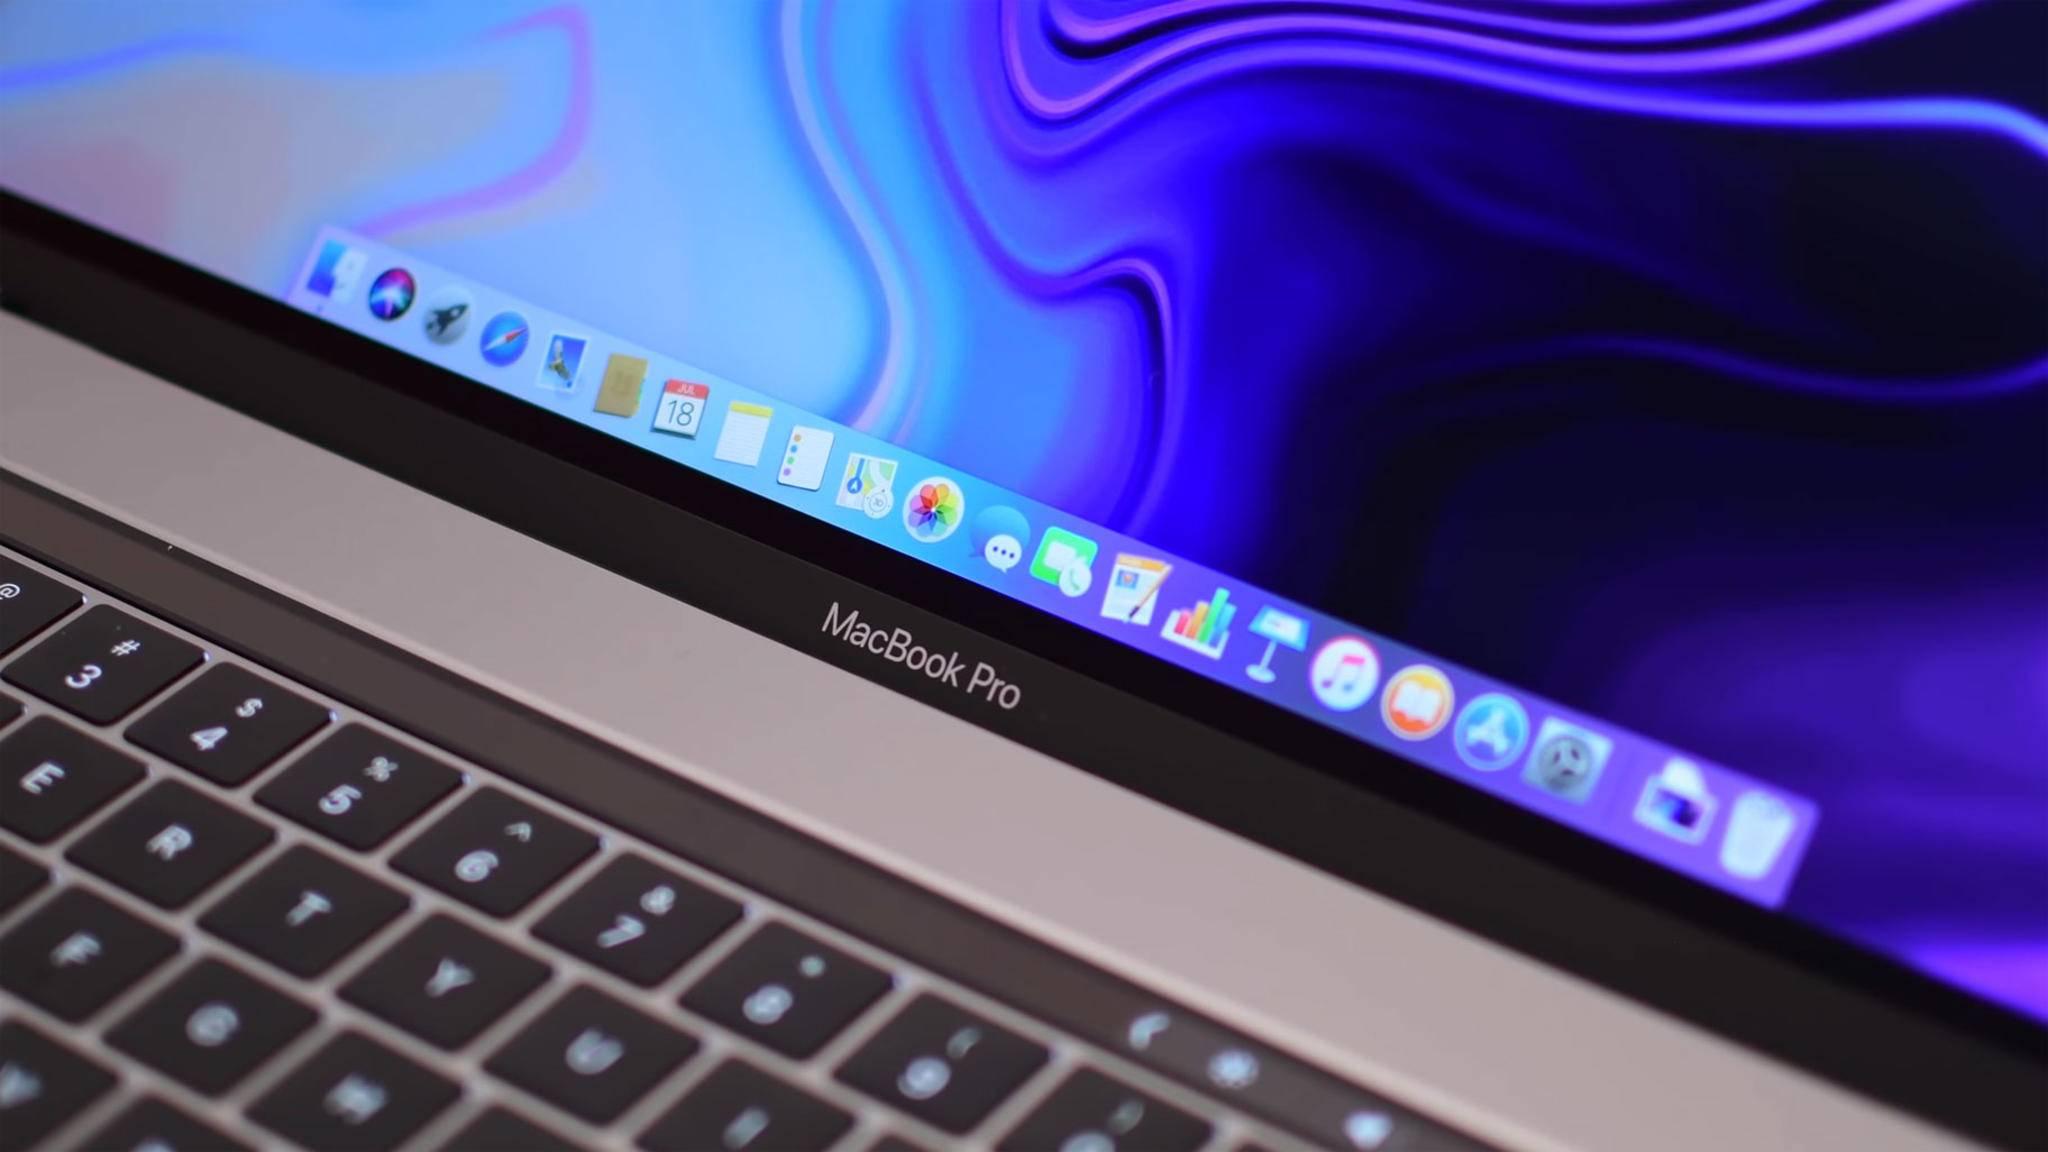 Die Butterfly-Tastatur des neuen MacBook Pro ist offenbar zuverlässiger.